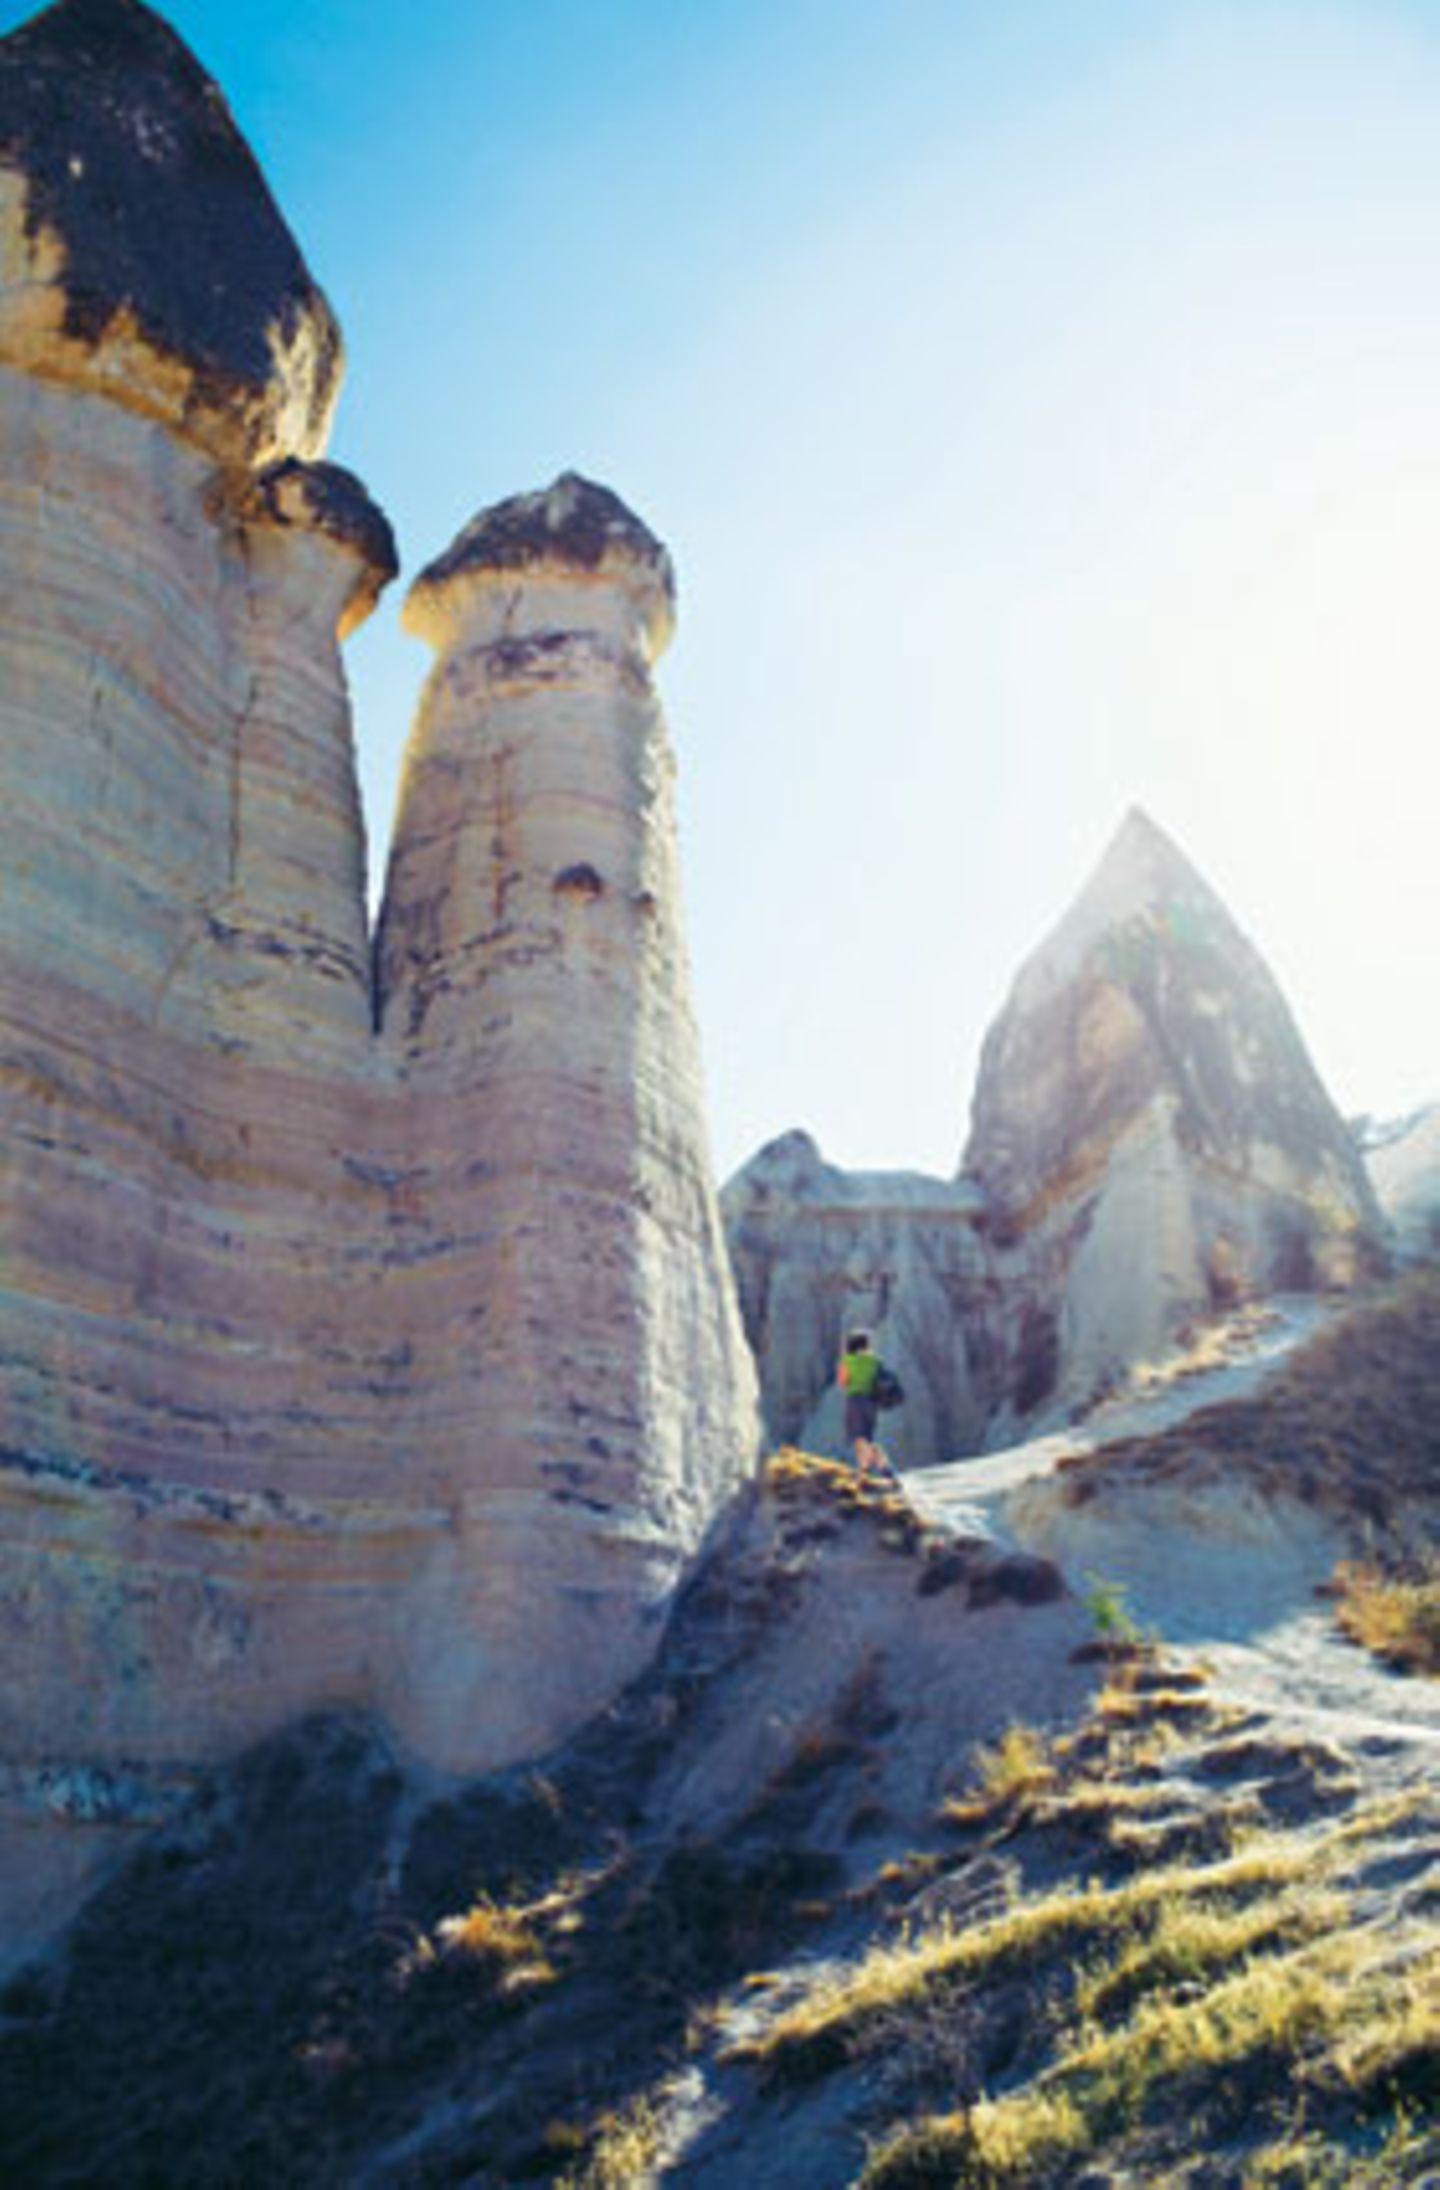 """Türkei: Erosion: Warum die bizarre Landschaft bei Göreme wohl ausgerechnet """"Tal der Liebe"""" heißt?"""